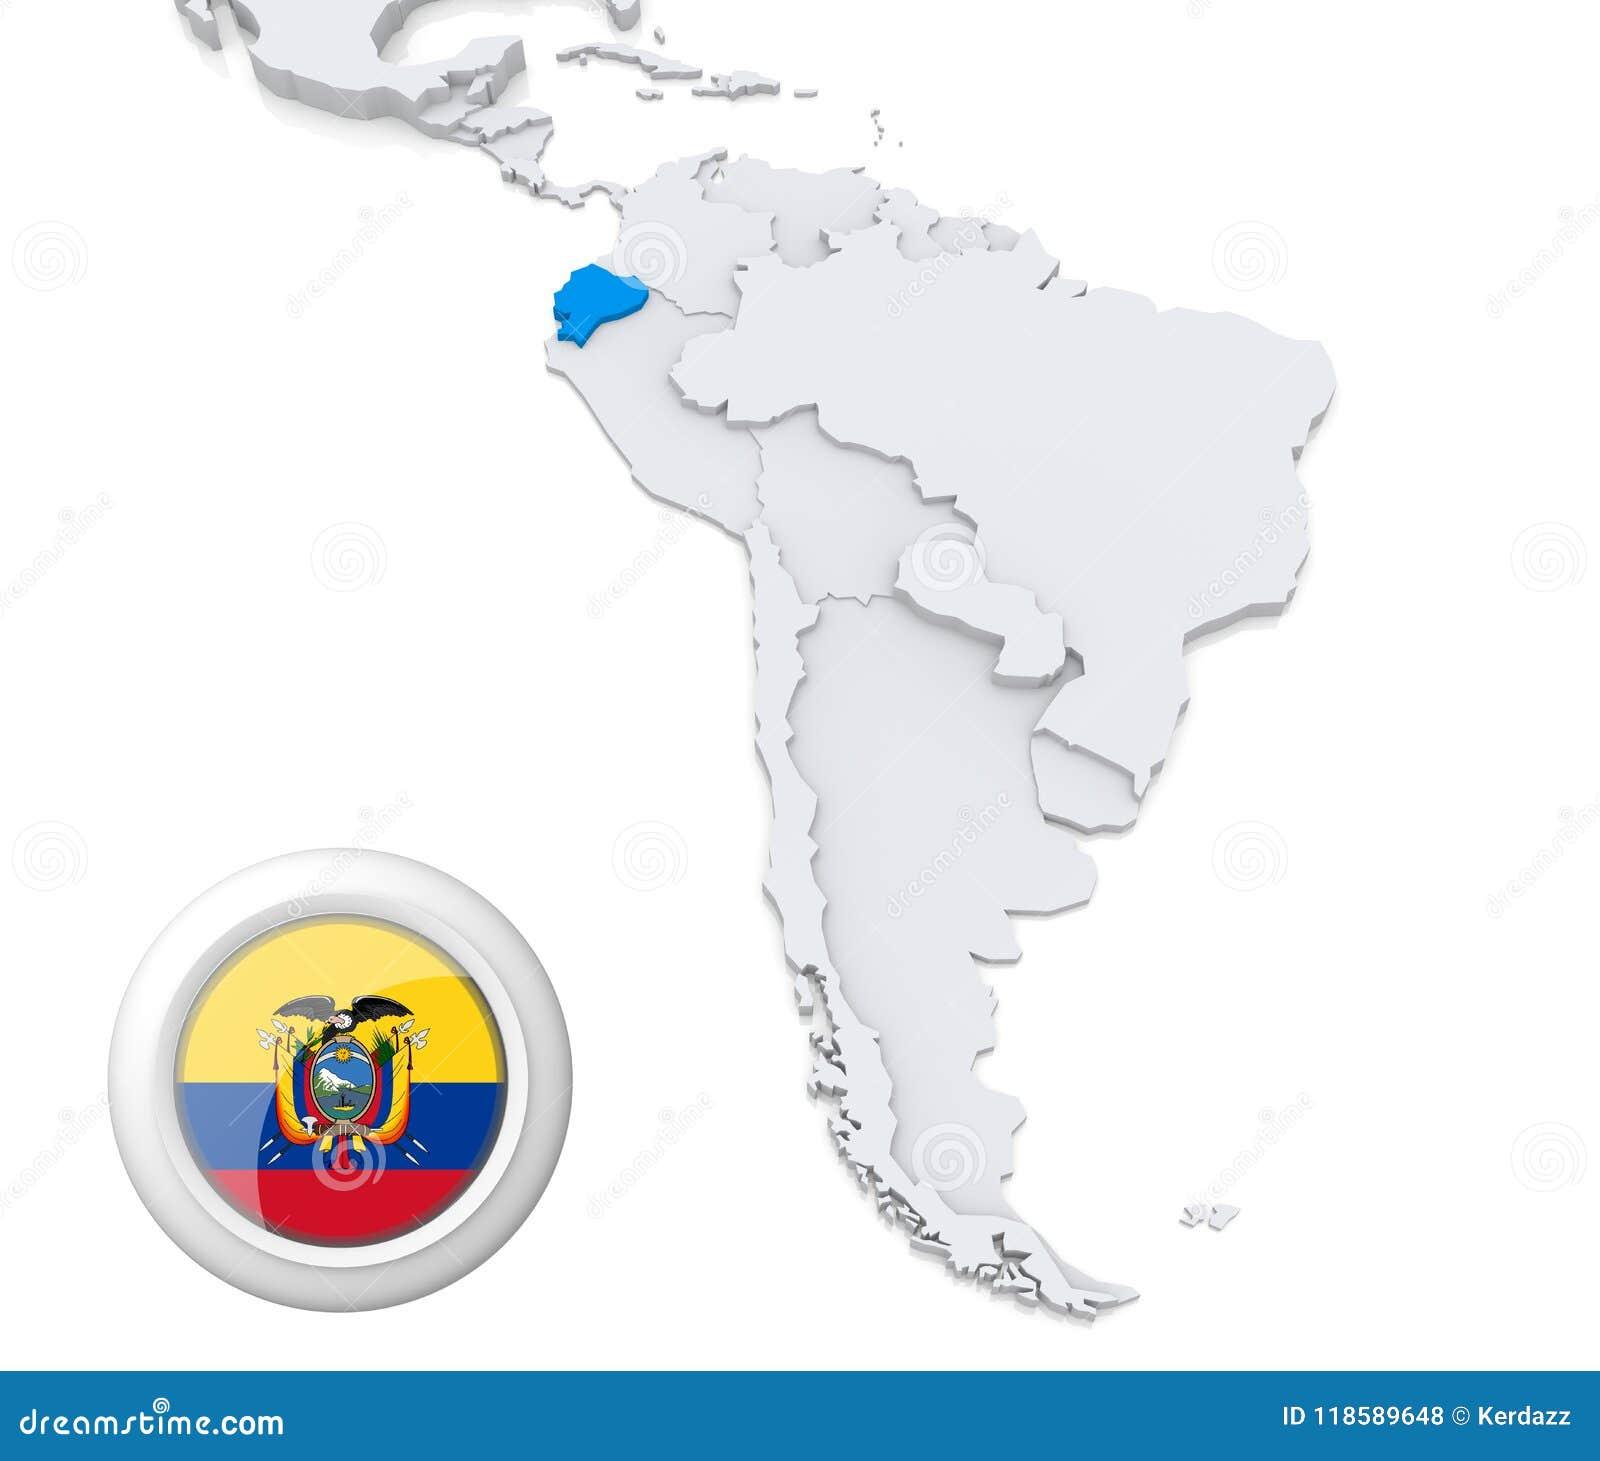 South America Map Ecuador.Ecuador On A Map Of South America Stock Illustration Illustration